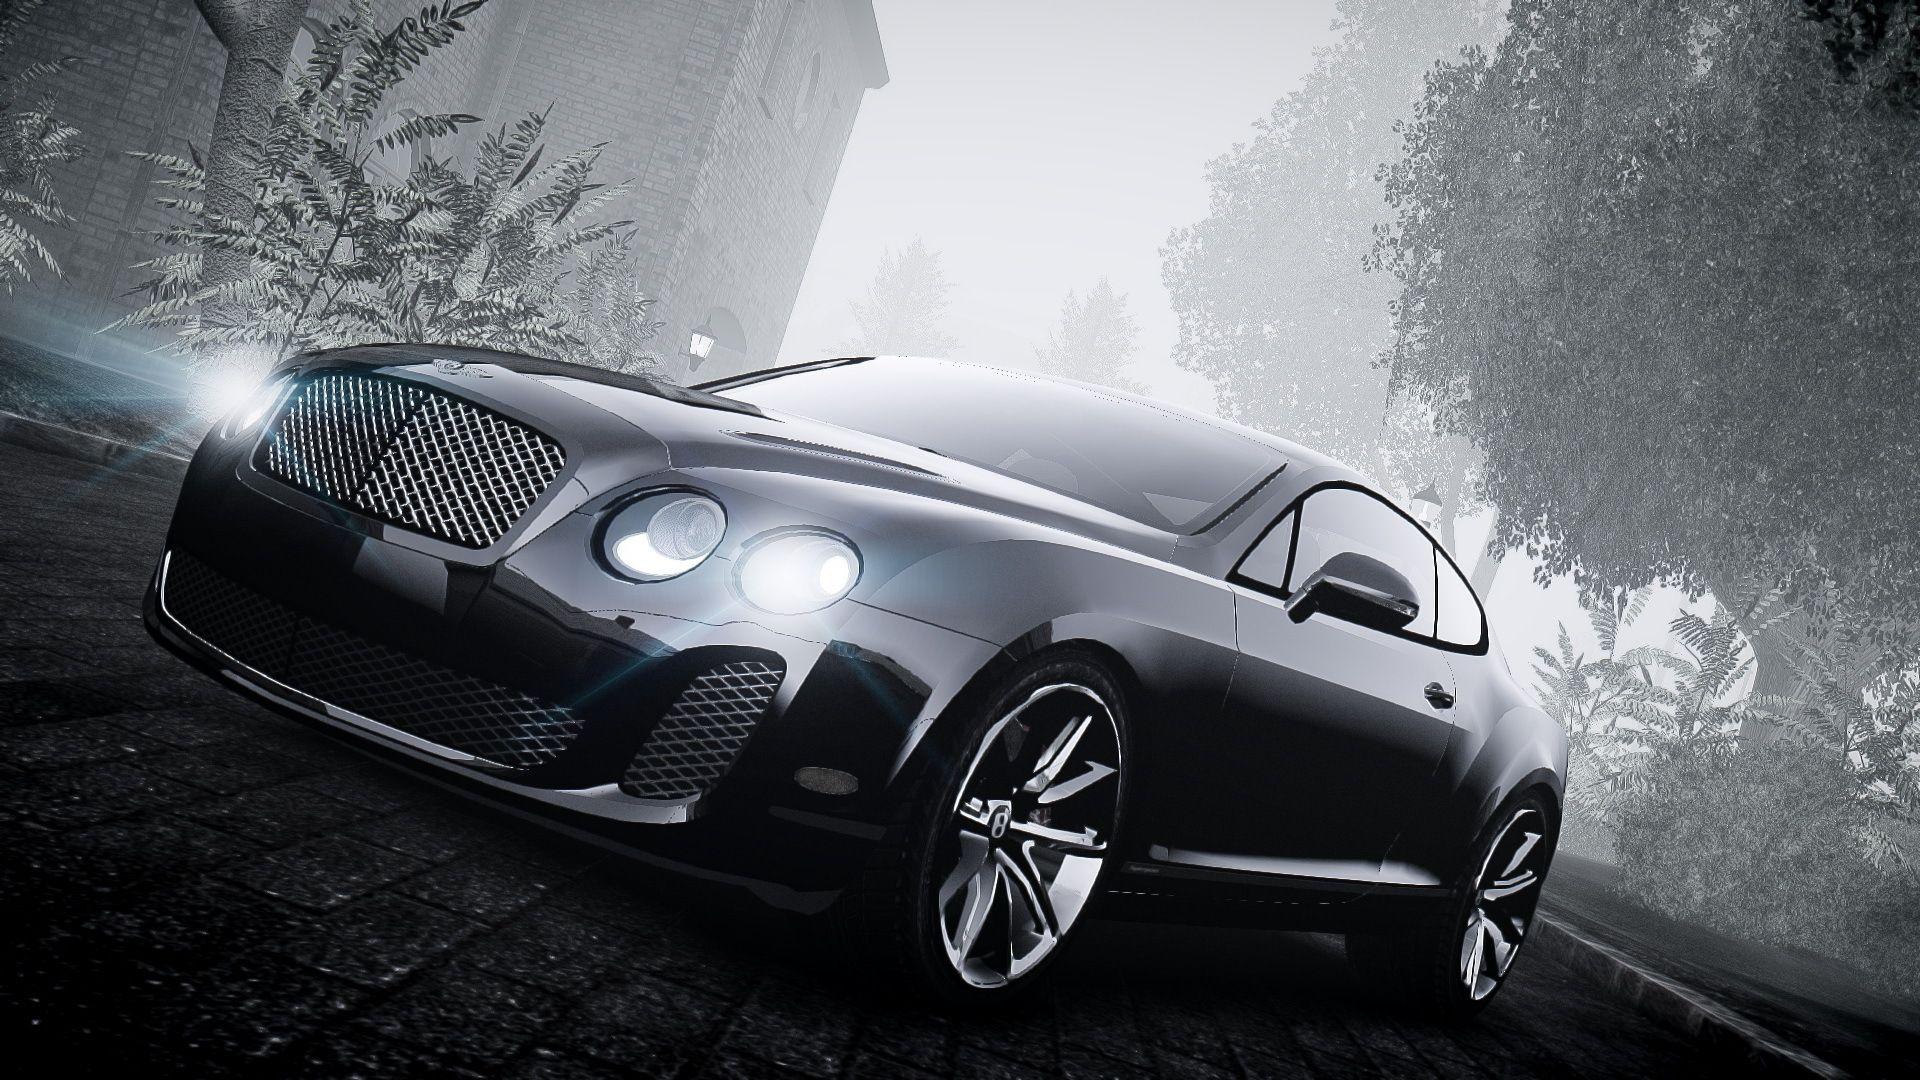 Bentley Car Wallpaper >> Bentley Computer Wallpapers Desktop Backgrounds Cars Full Hd